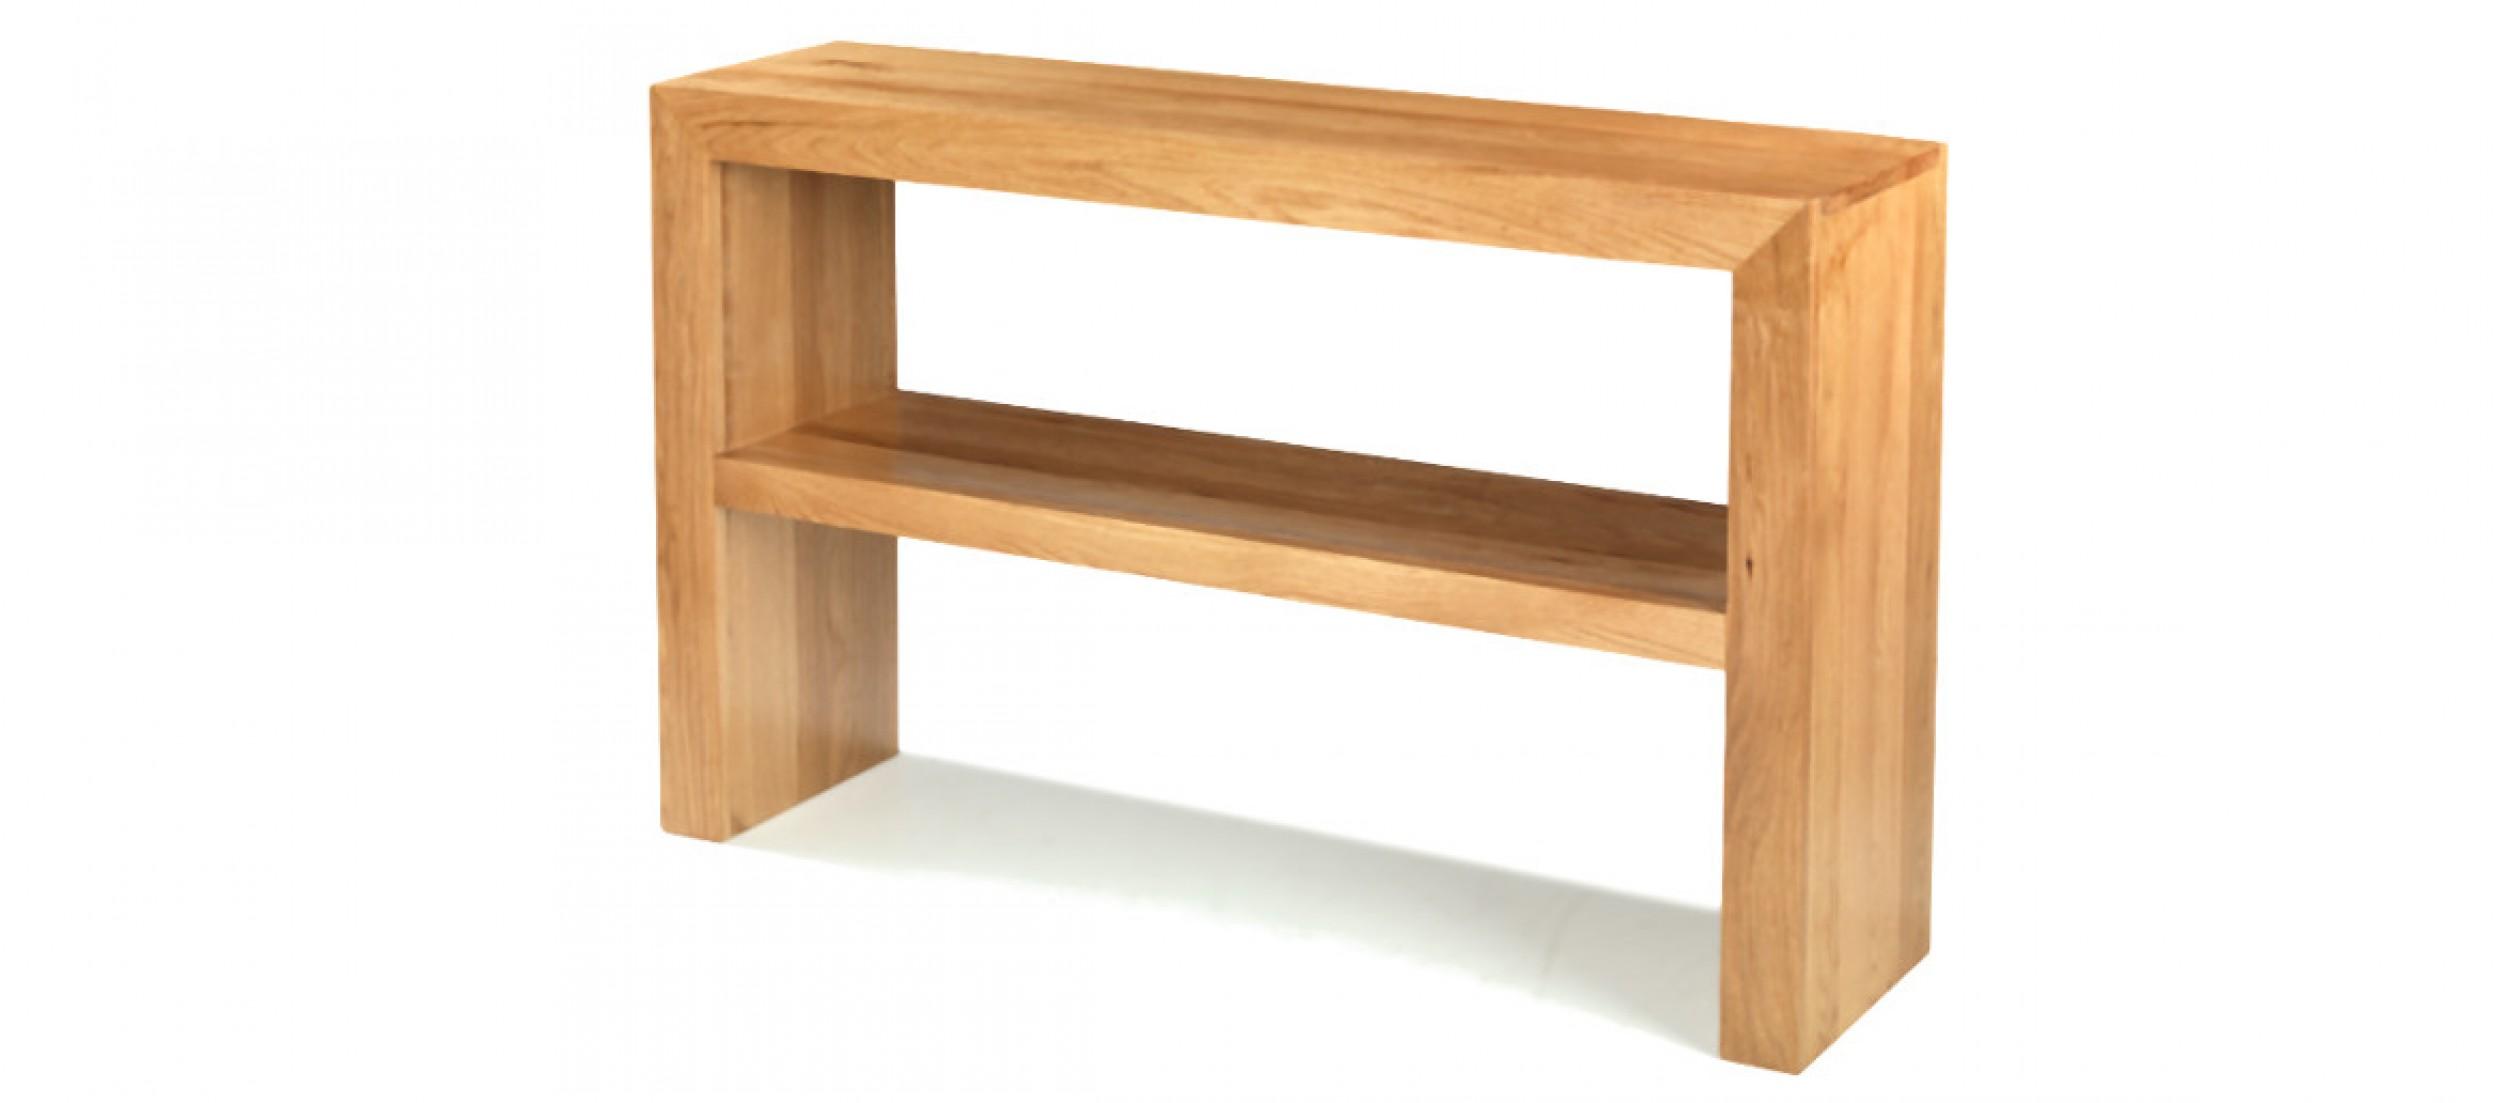 Attirant Cube Oak Console Table